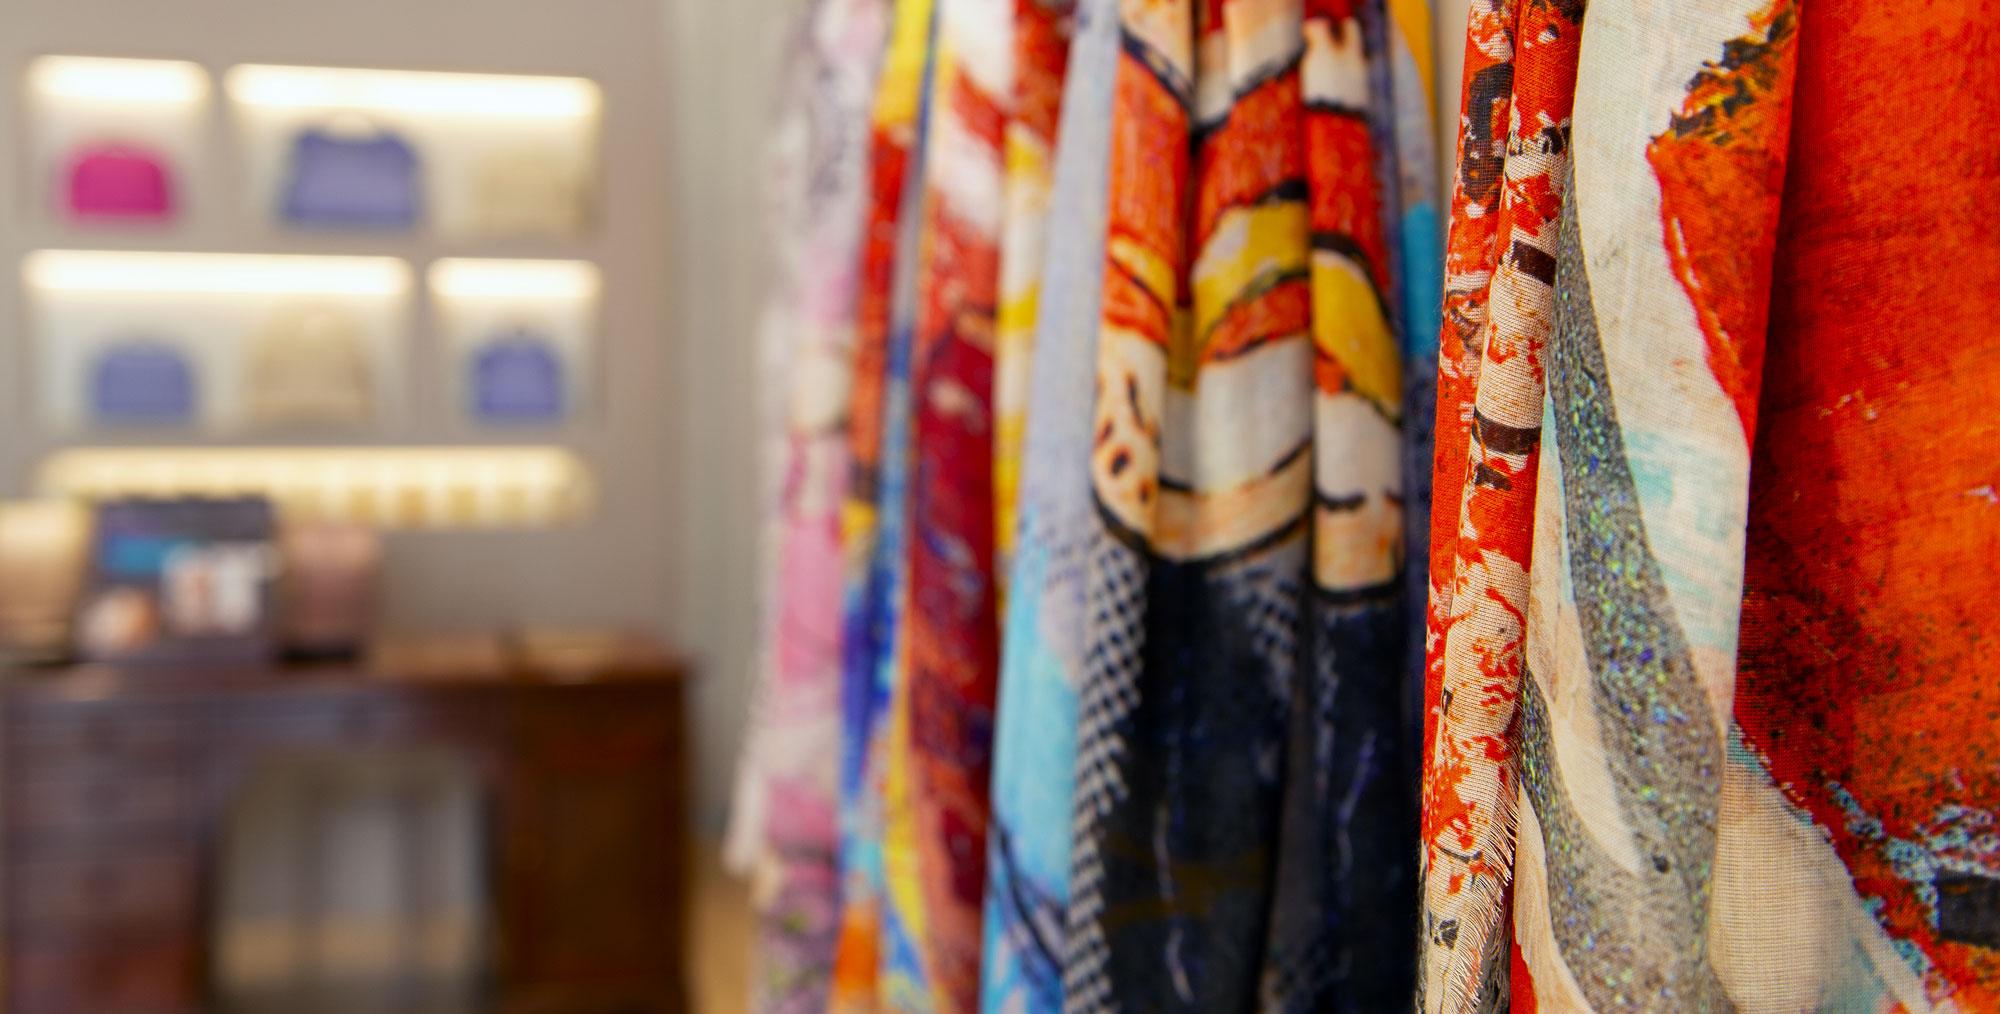 Negozio accessori moda di lusso